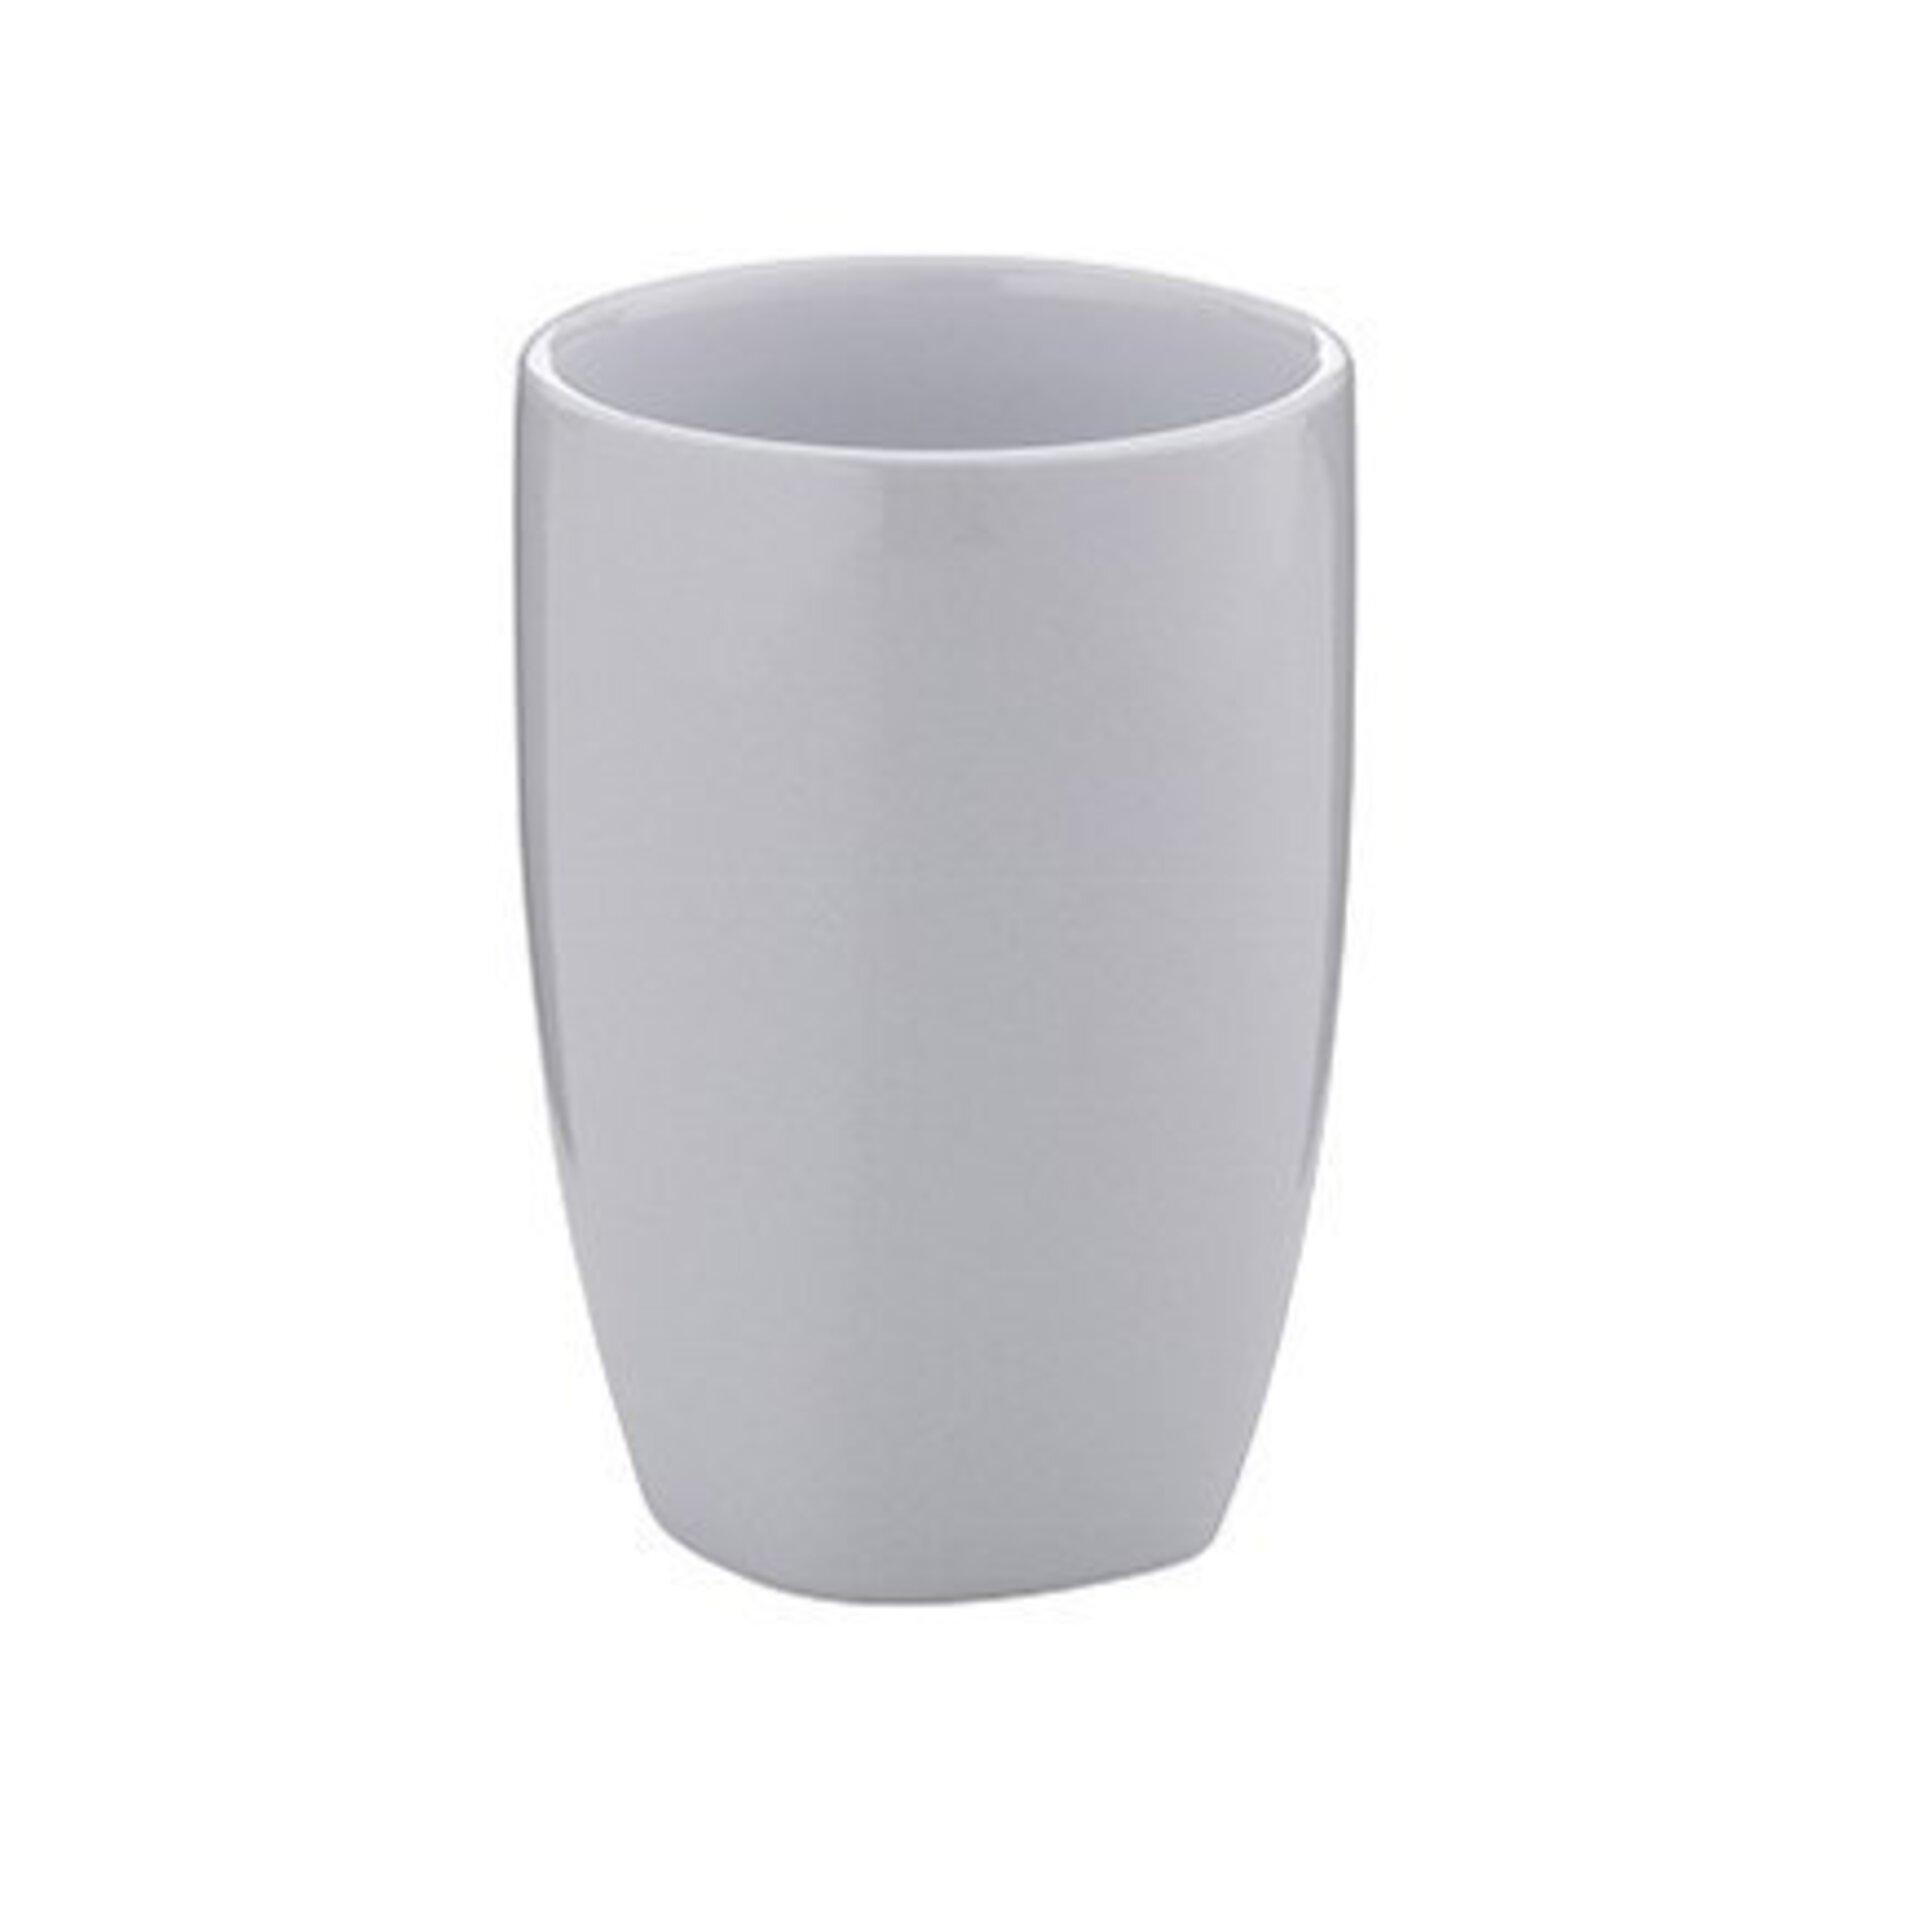 Zahnputzbecher Landora Kela Keramik grau